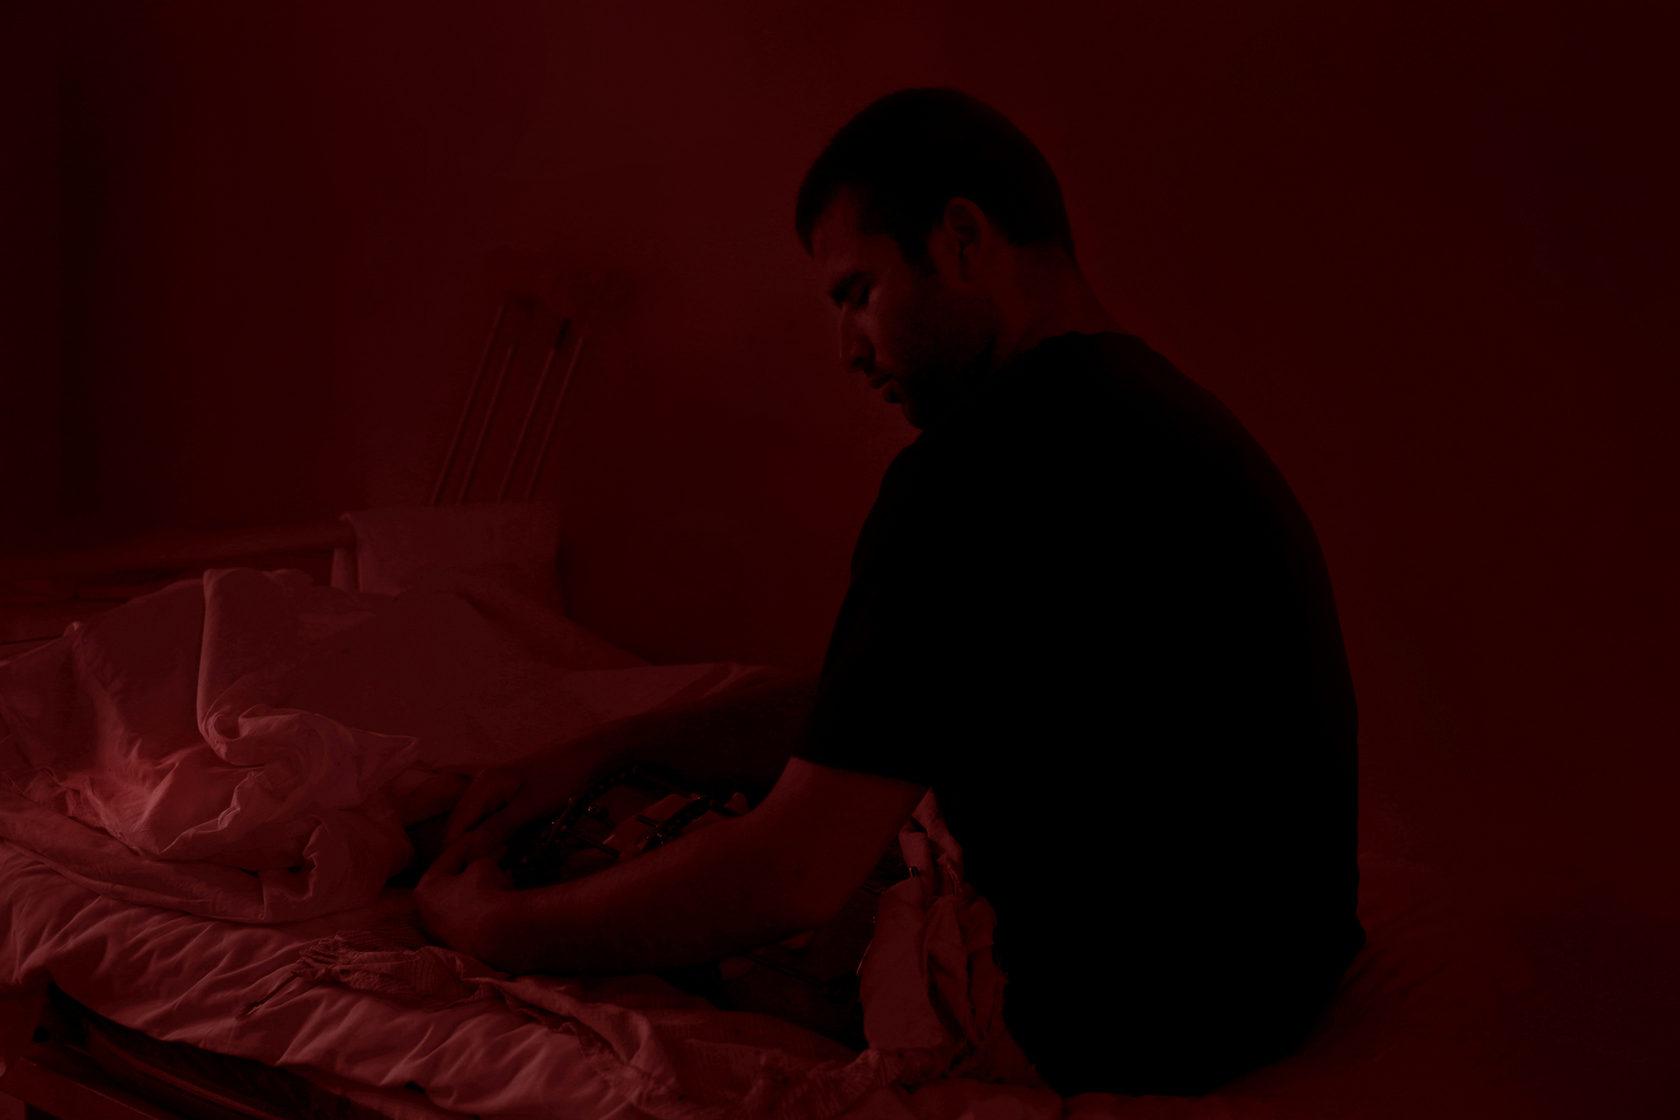 Джумахон, © Сергей Строителев, Санкт-Петербург, Фотоконкурс «Неслучайный свидетель»